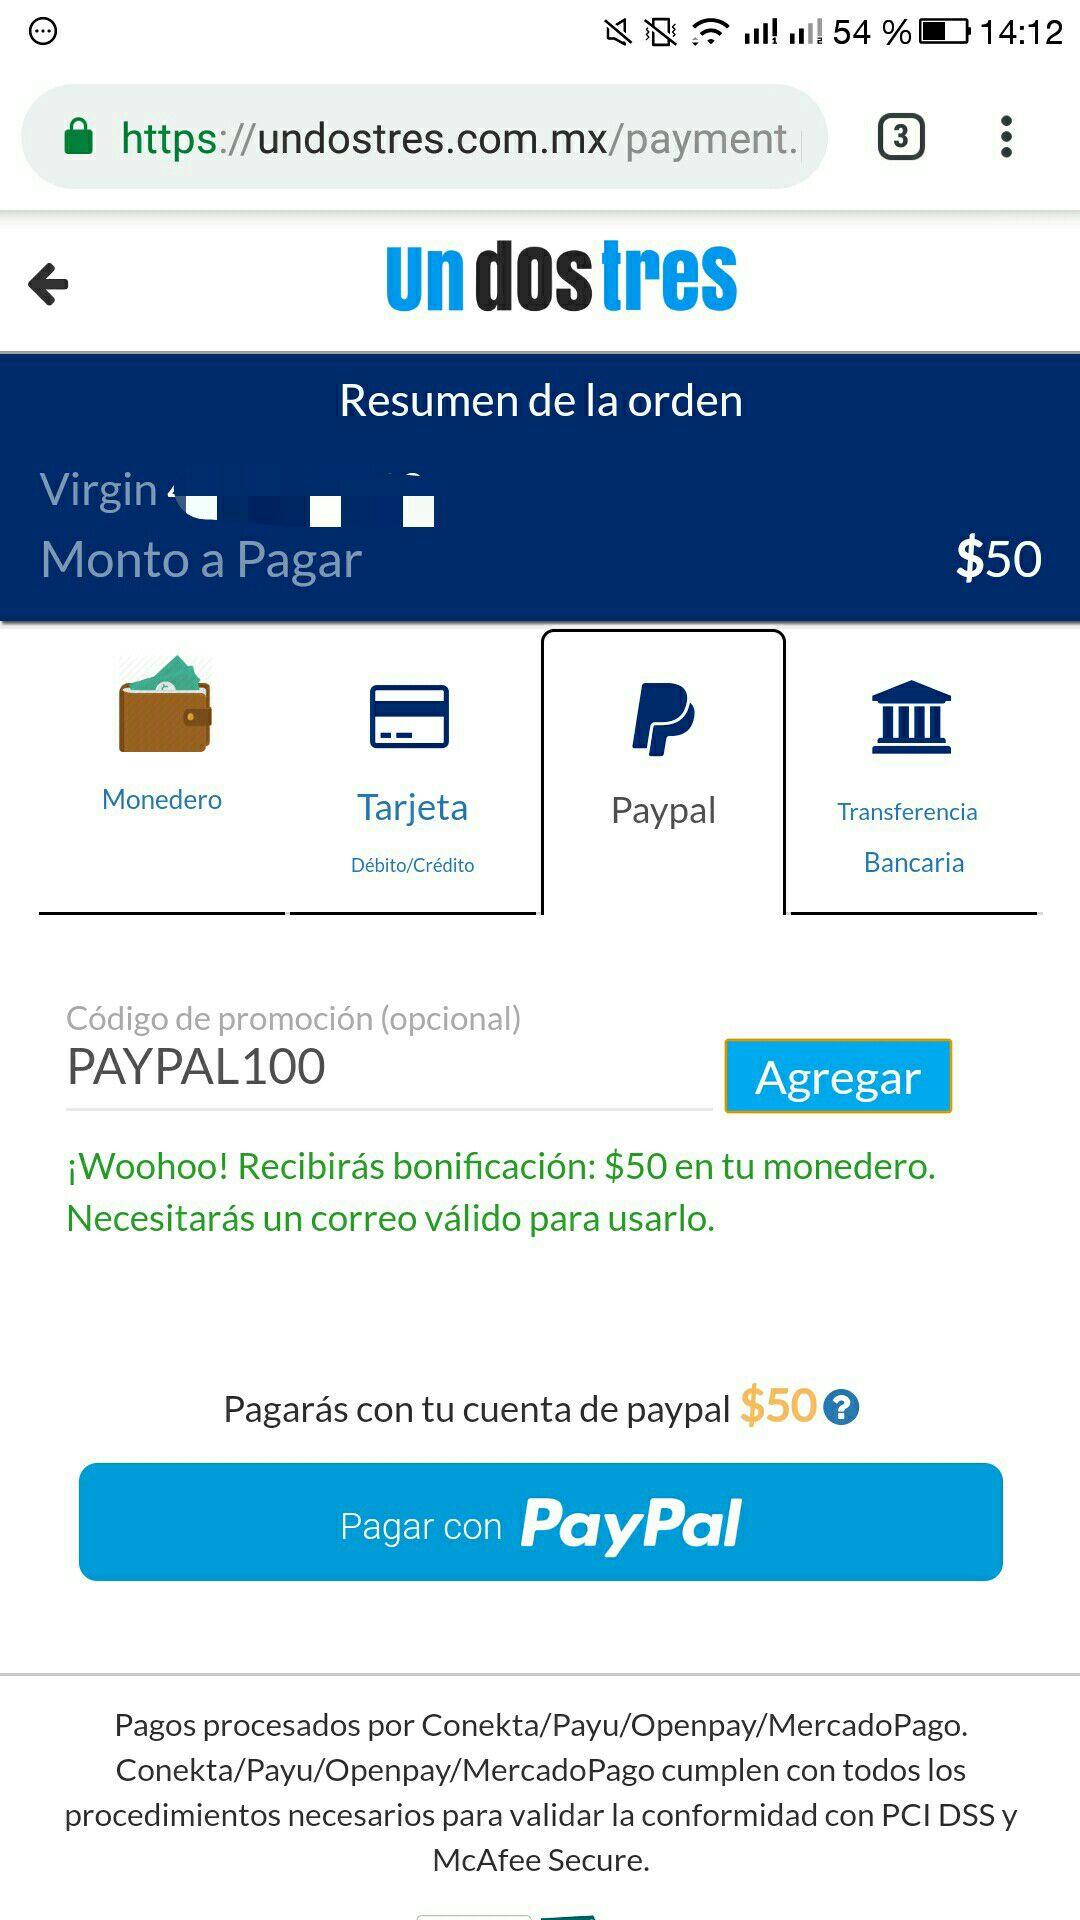 Undostres: Cashback $50 en monedero al pagar con PayPal en recargas, servicios, TAG, cine (se puede aplicar 2 veces)